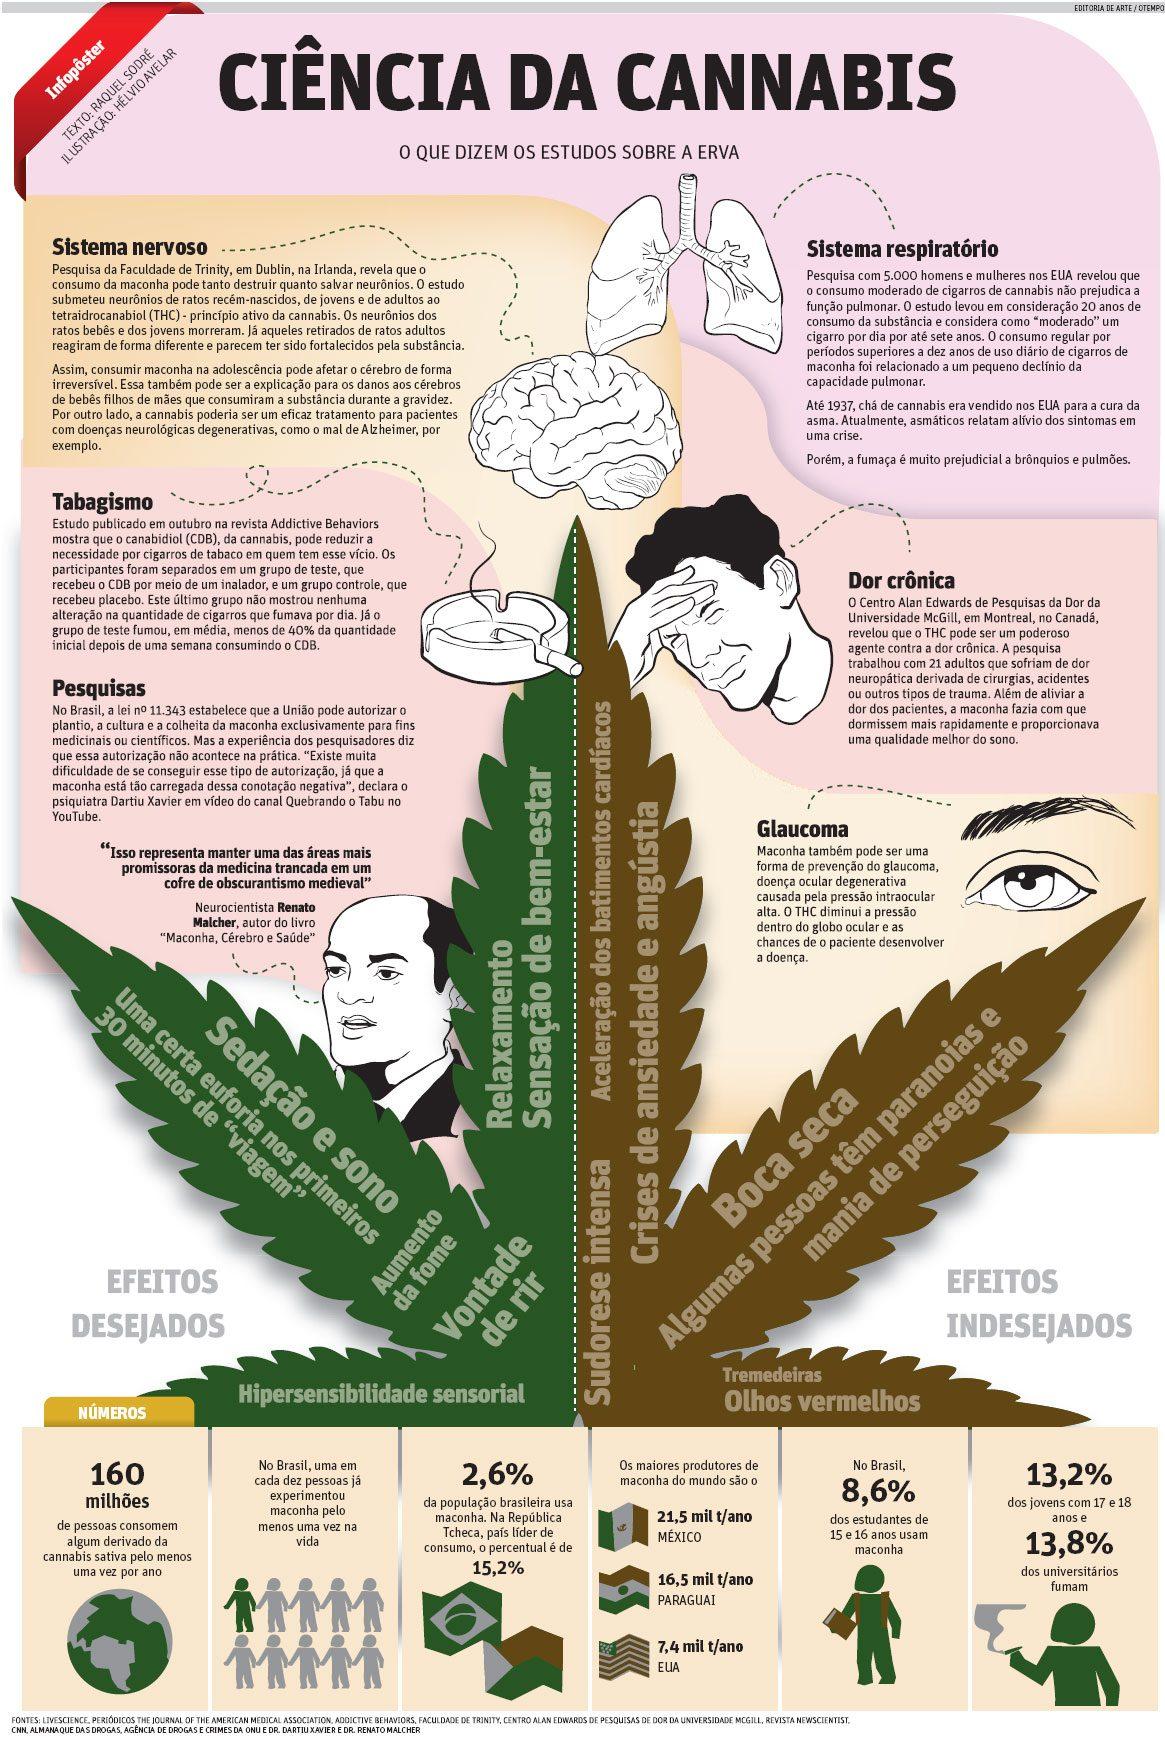 Ciência da Cannabis - O que dizem os estudos sobre a erva